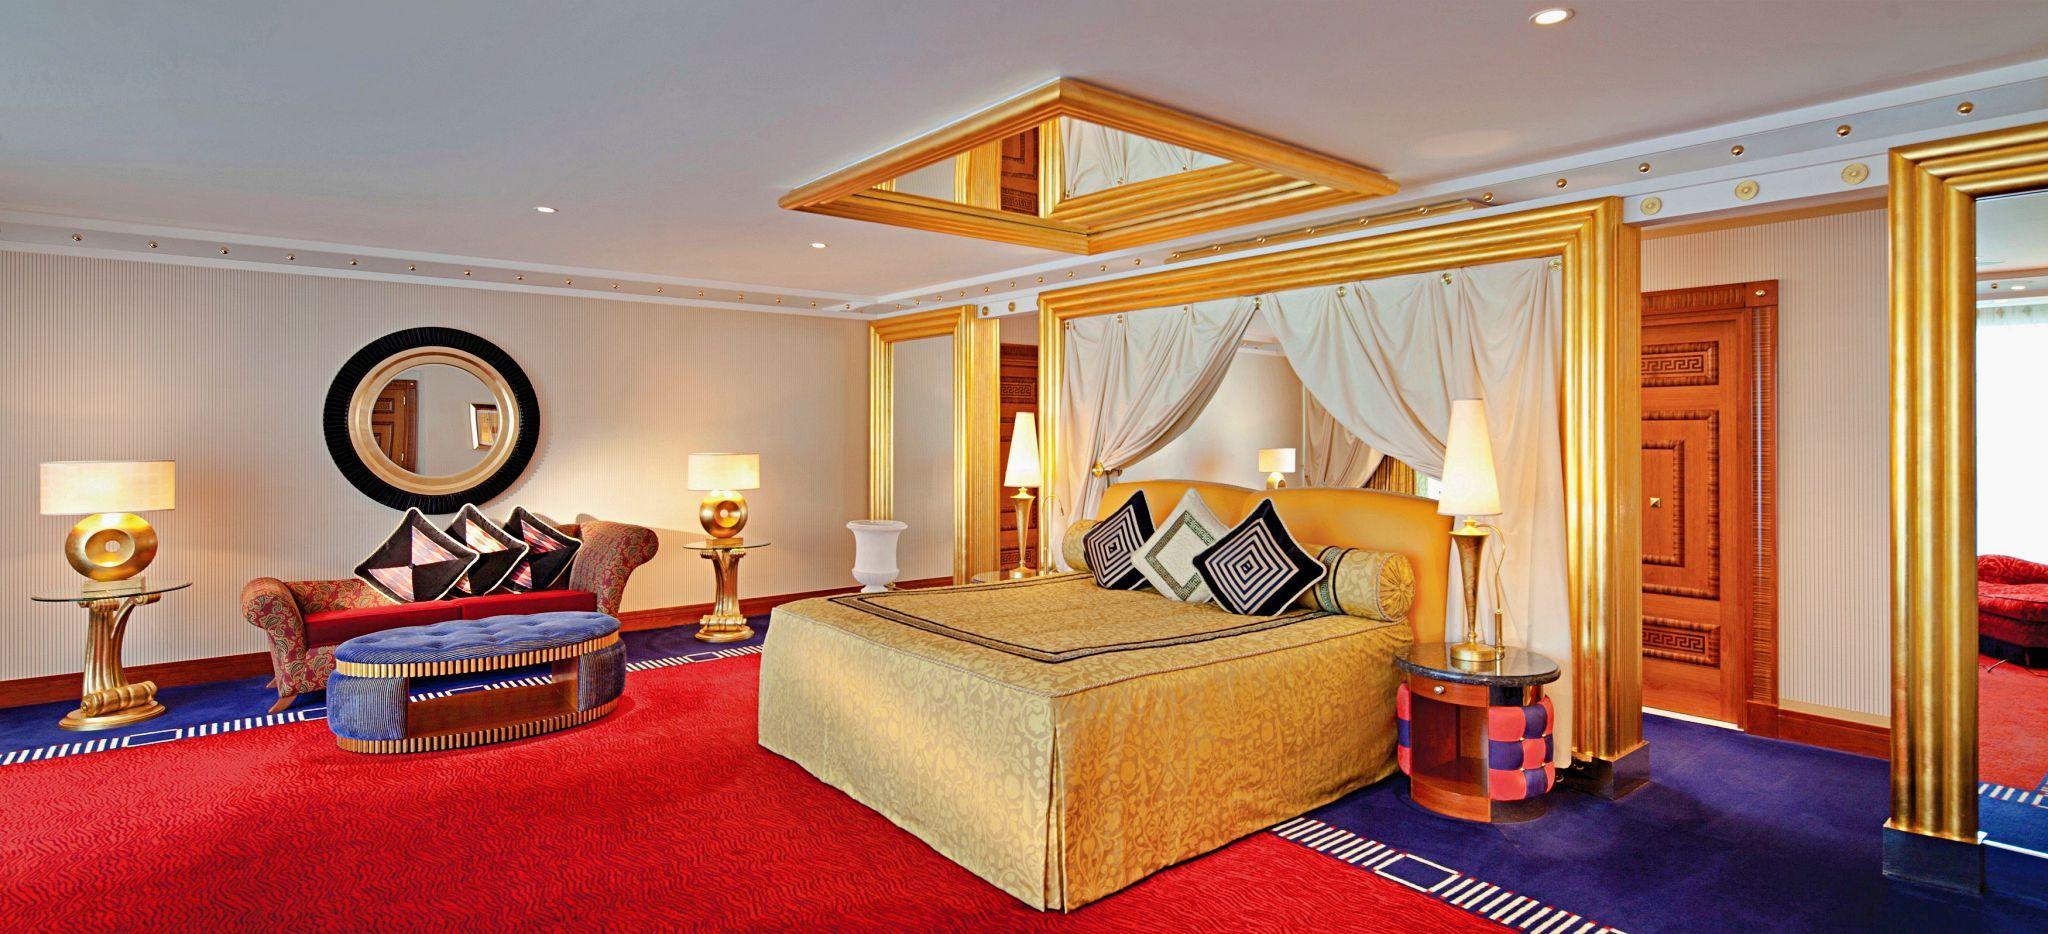 Master Bedroom der Two Bedroom Deluxe Suite (Upper Level) im Burj al Arab